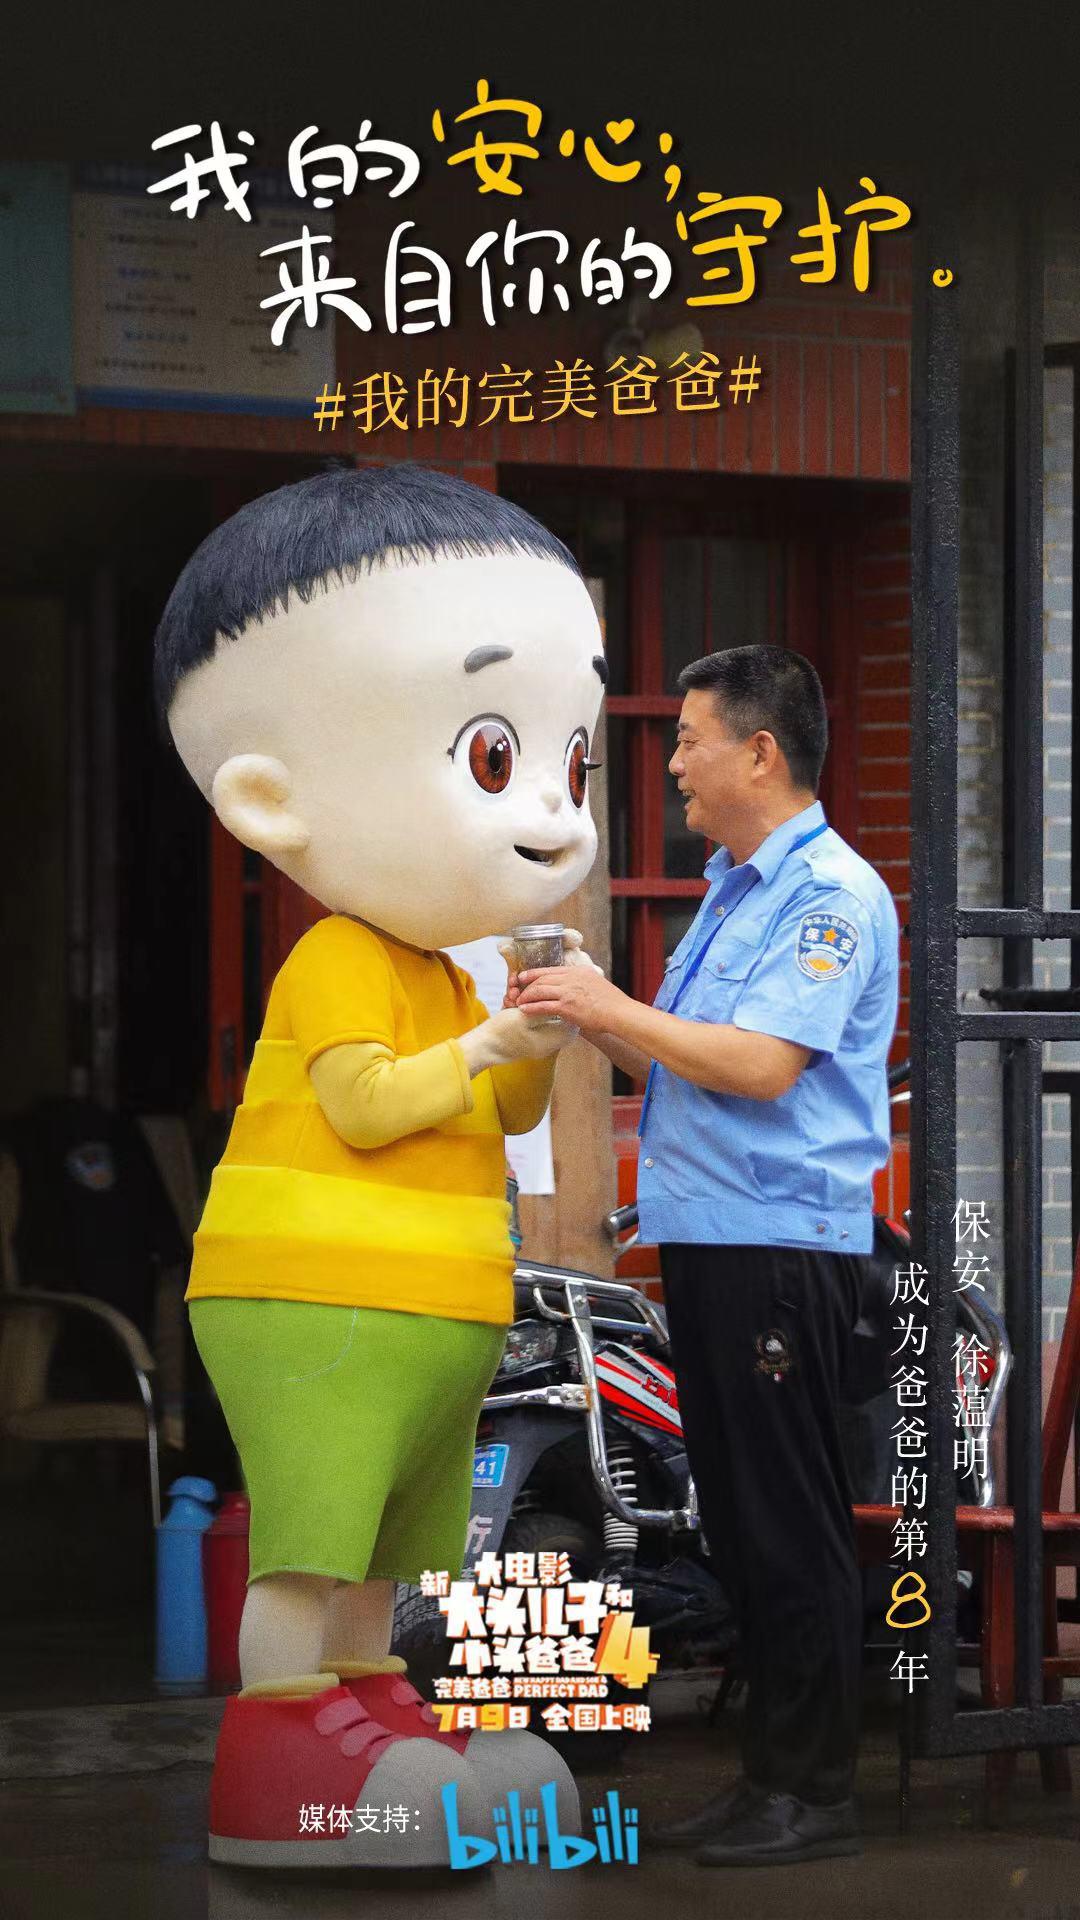 《新大头儿子4》曝特辑 新晋奶爸郎朗任推广大使